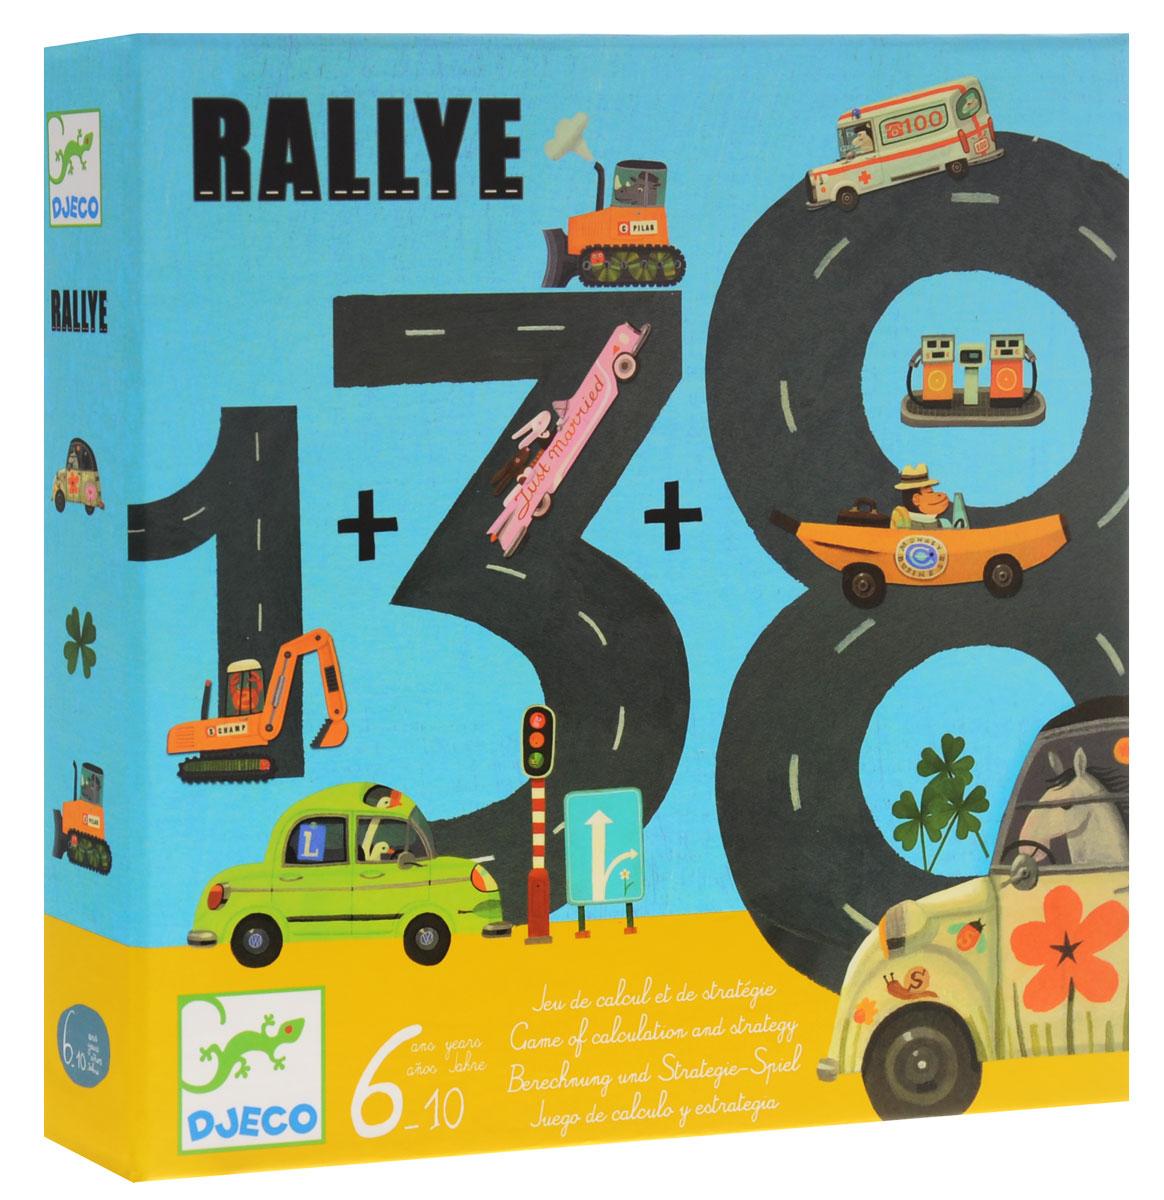 Djeco Игра Ралли08461Игра Djeco Ралли понравится всем, от мала до велика! Чтобы победить в этих гонках и правильно определить дистанцию пробега, необходимы смекалка, стратегия, а главное - умение считать! Участникам раздается по 6 карт, затем каждый по очереди кидает два кубика. Сложив сумму выпавших точек на кубиках, игроки должны составить из своих карт математические примеры, которые в итоге должны равняться этому числу. Игрок, оставшийся без карт первым, становится победителем ралли. Благодаря такому набору можно в полной мере подготовиться к школьным занятиям по математике в игровой форме. Ралли способствует развитию логики, быстроте реакции и мышлению. Среднее время игры: 15 мин. Количество игроков: от 2 до 5.